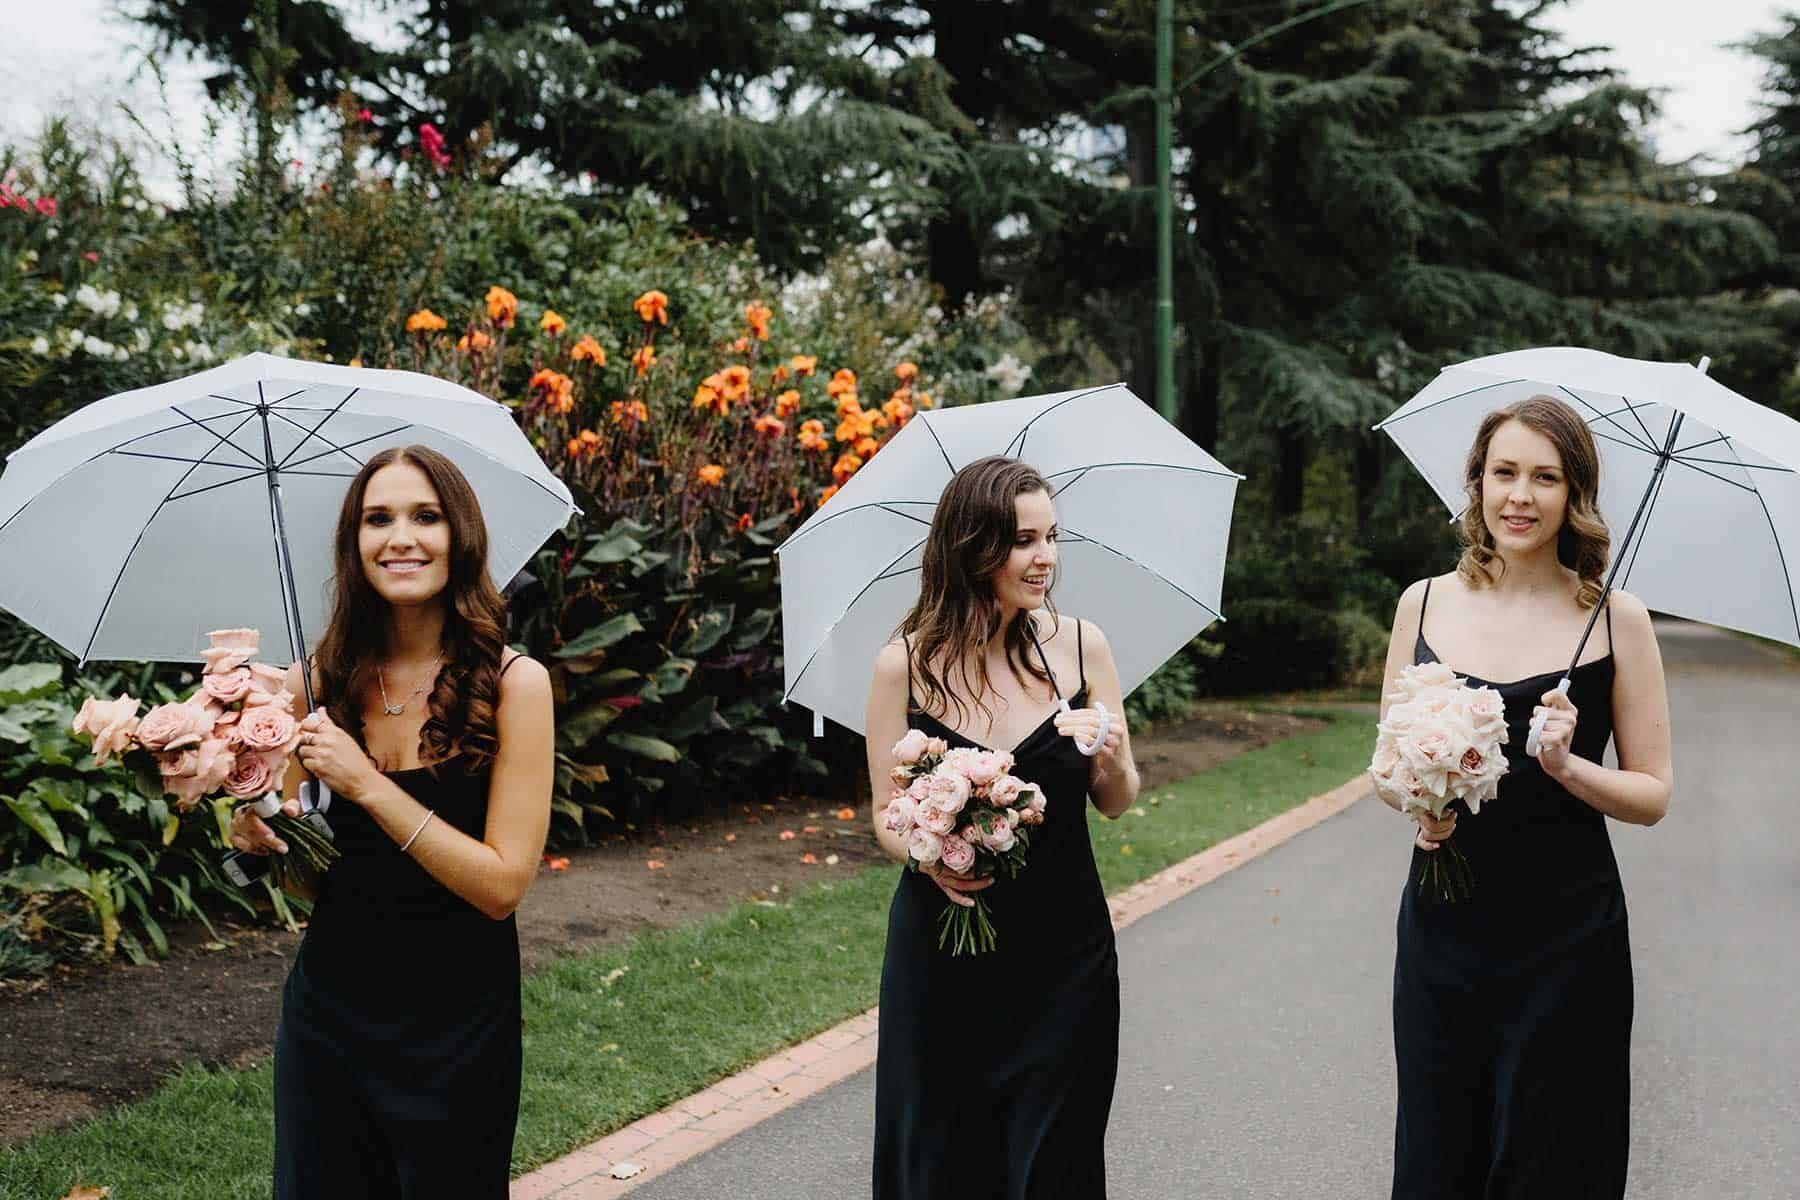 bridesmaids in black dresses with umbrellas